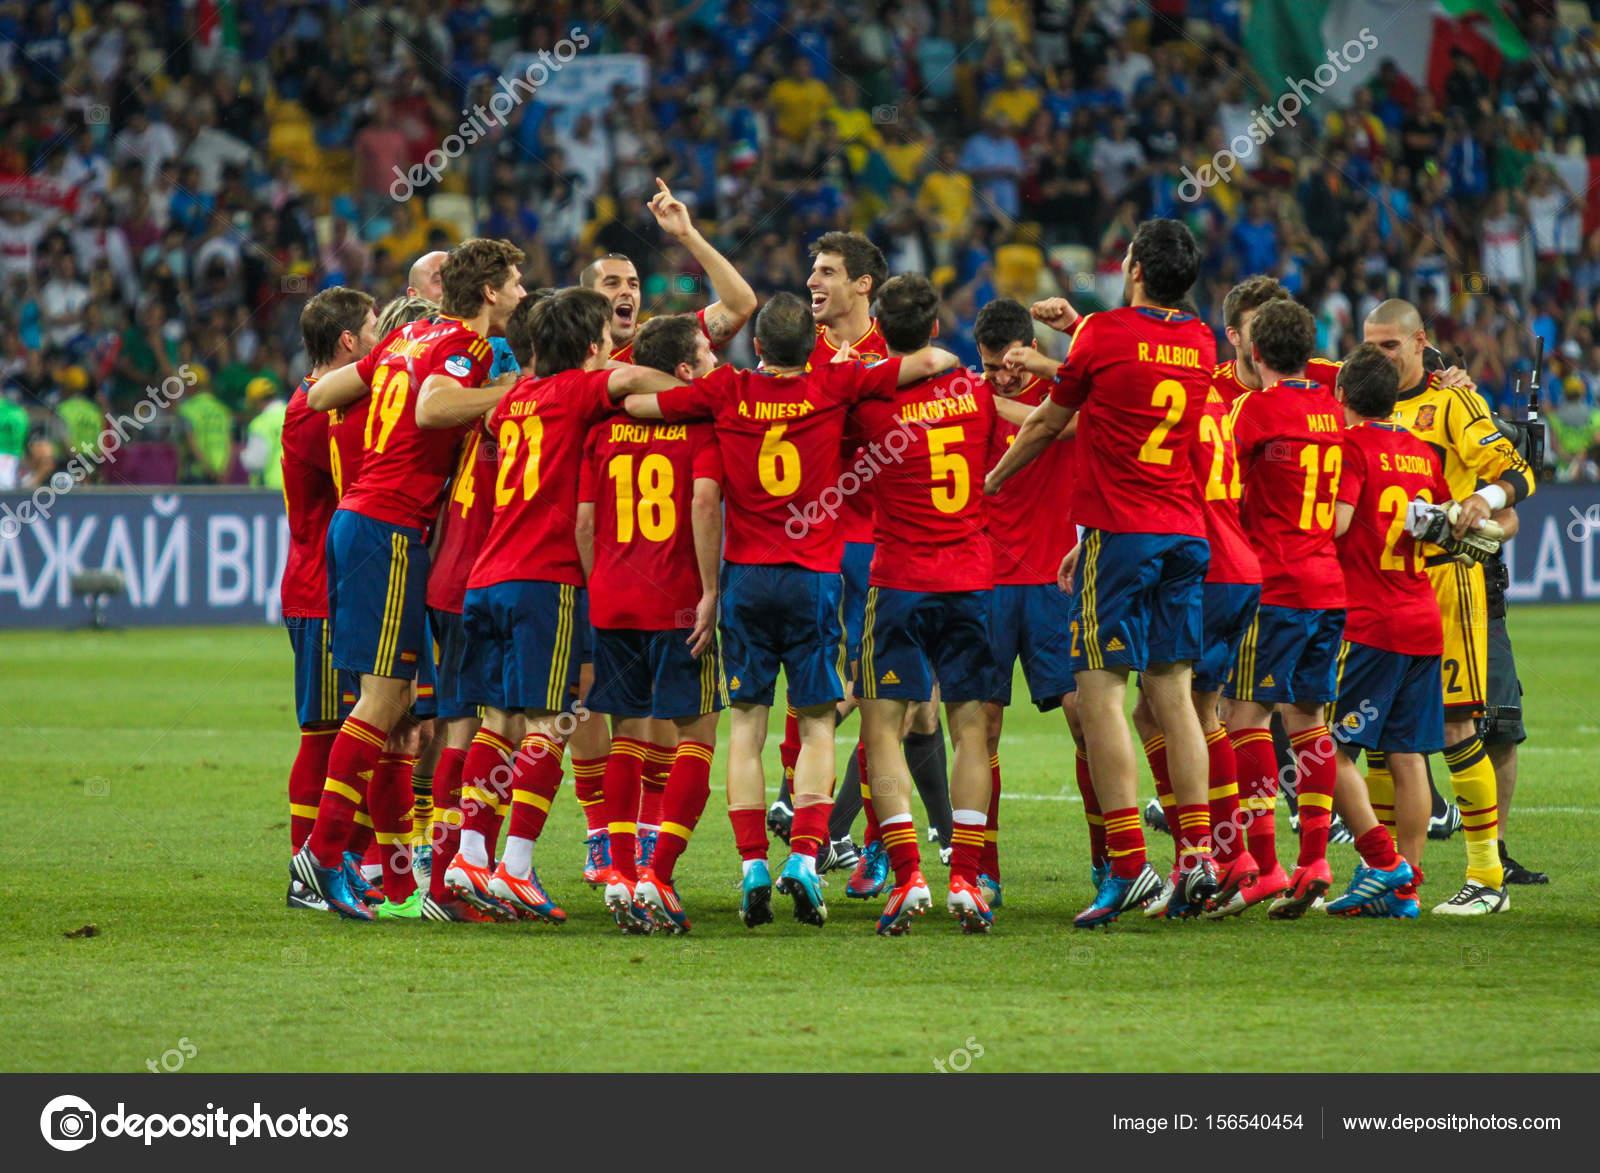 4f38d1efca Equipa de futebol nacional da Espanha comemora sua vitória ...